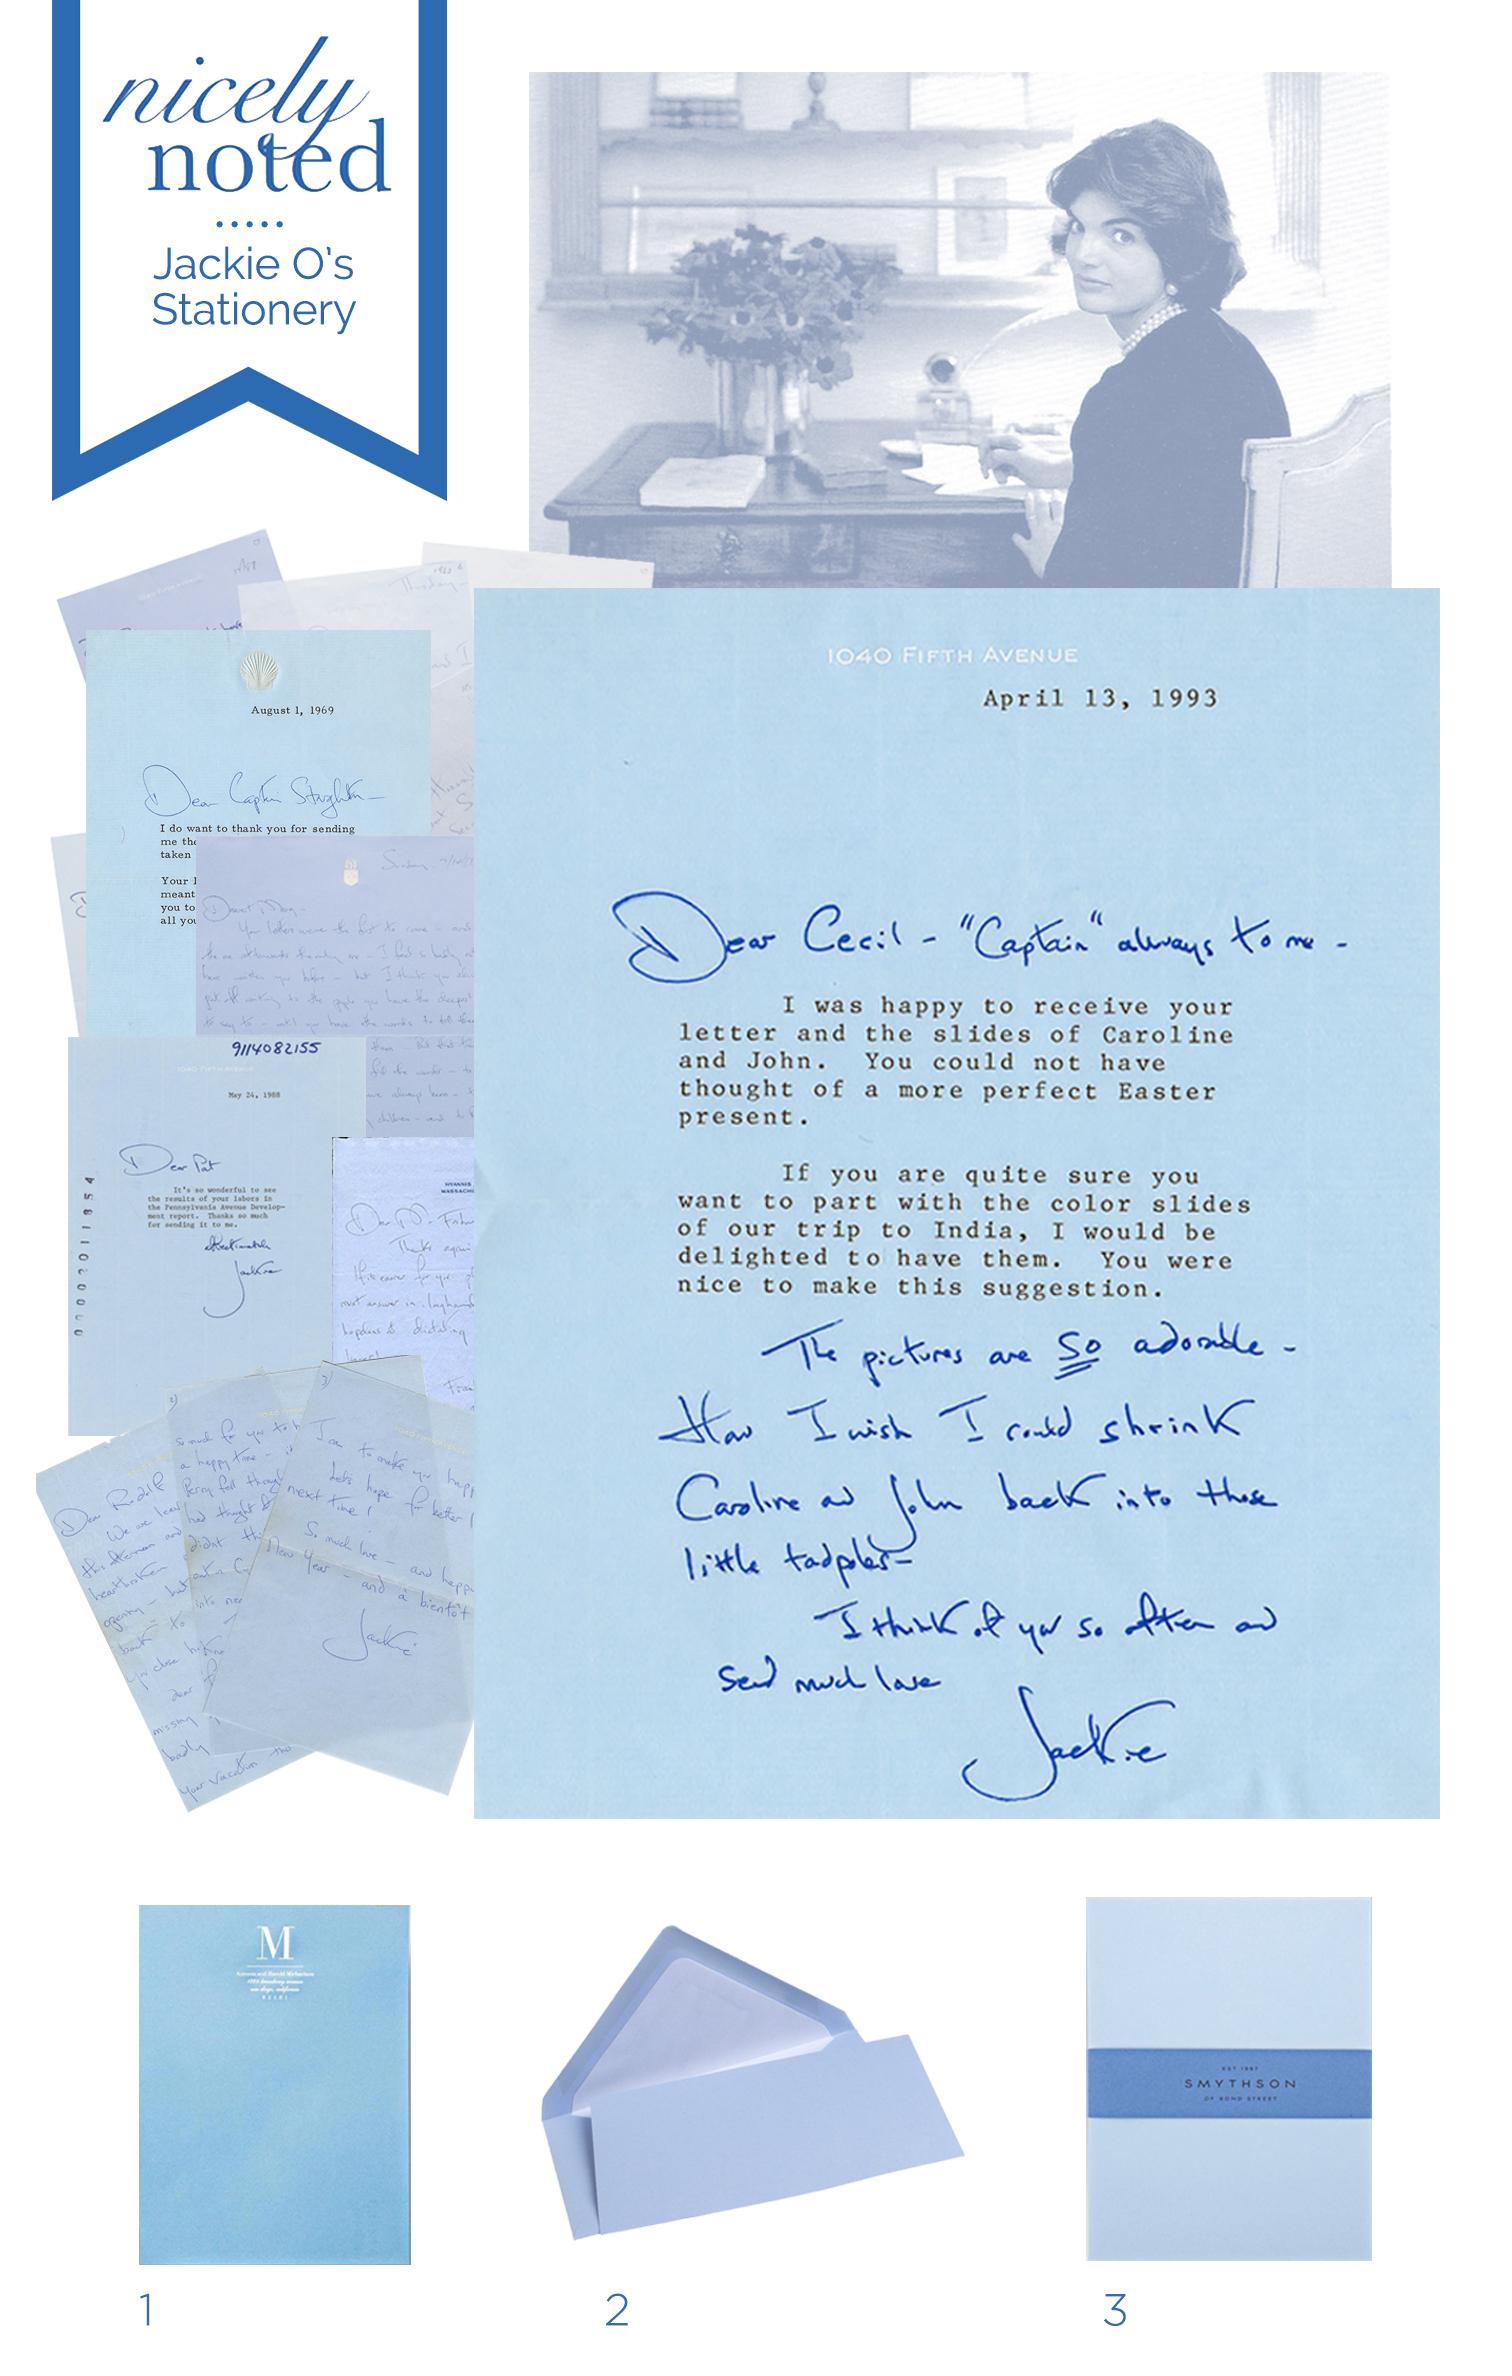 Jacqueline Kennedy Onassis' Stationery